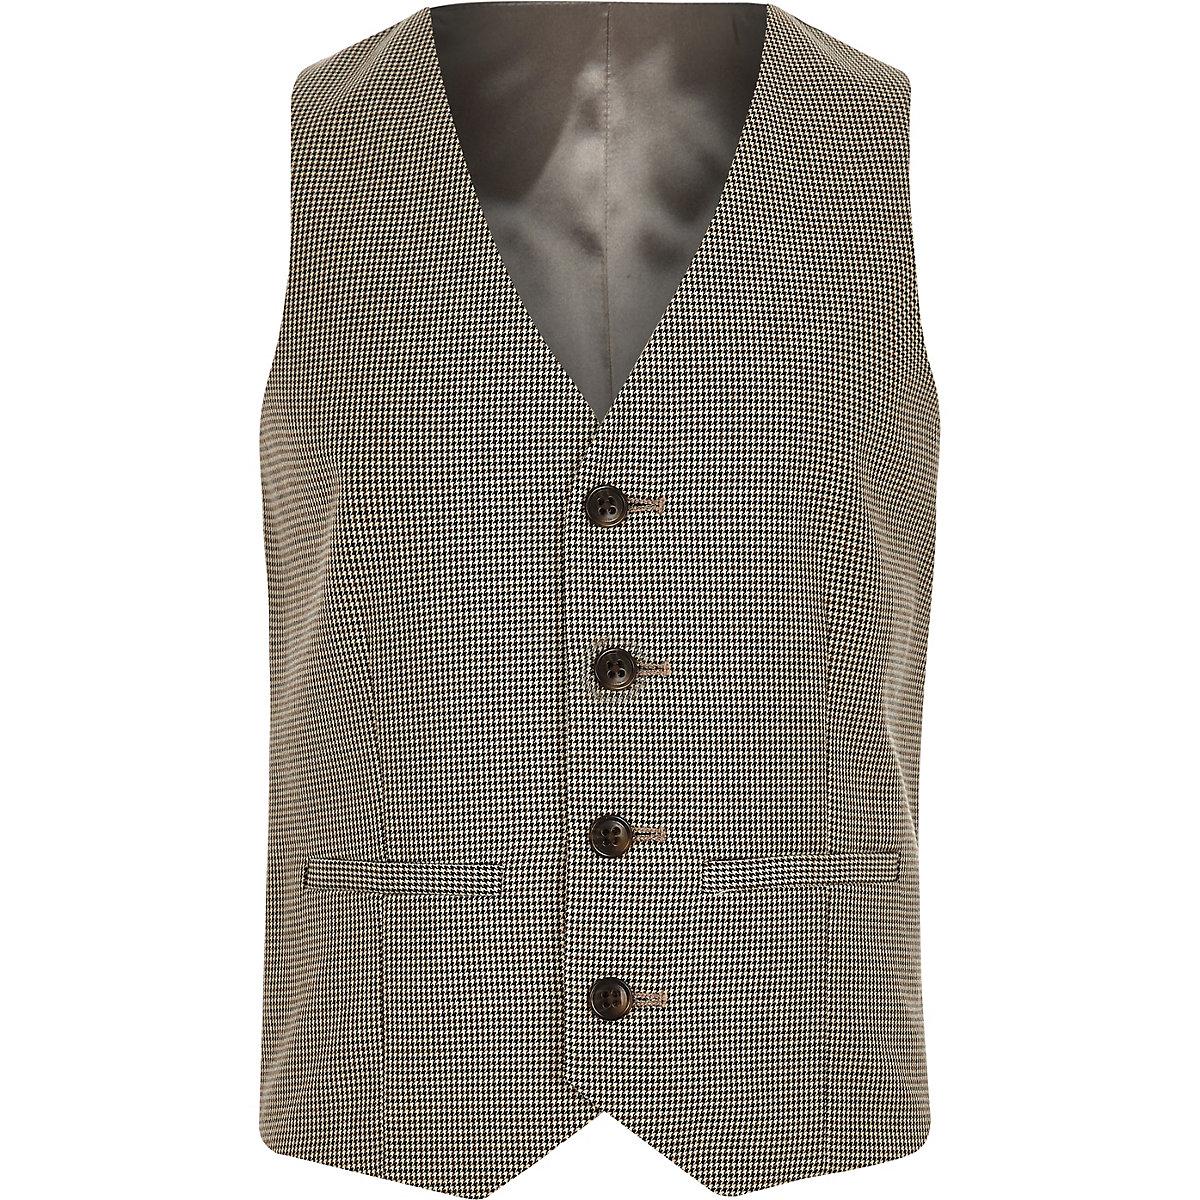 Boys brown check suit vest